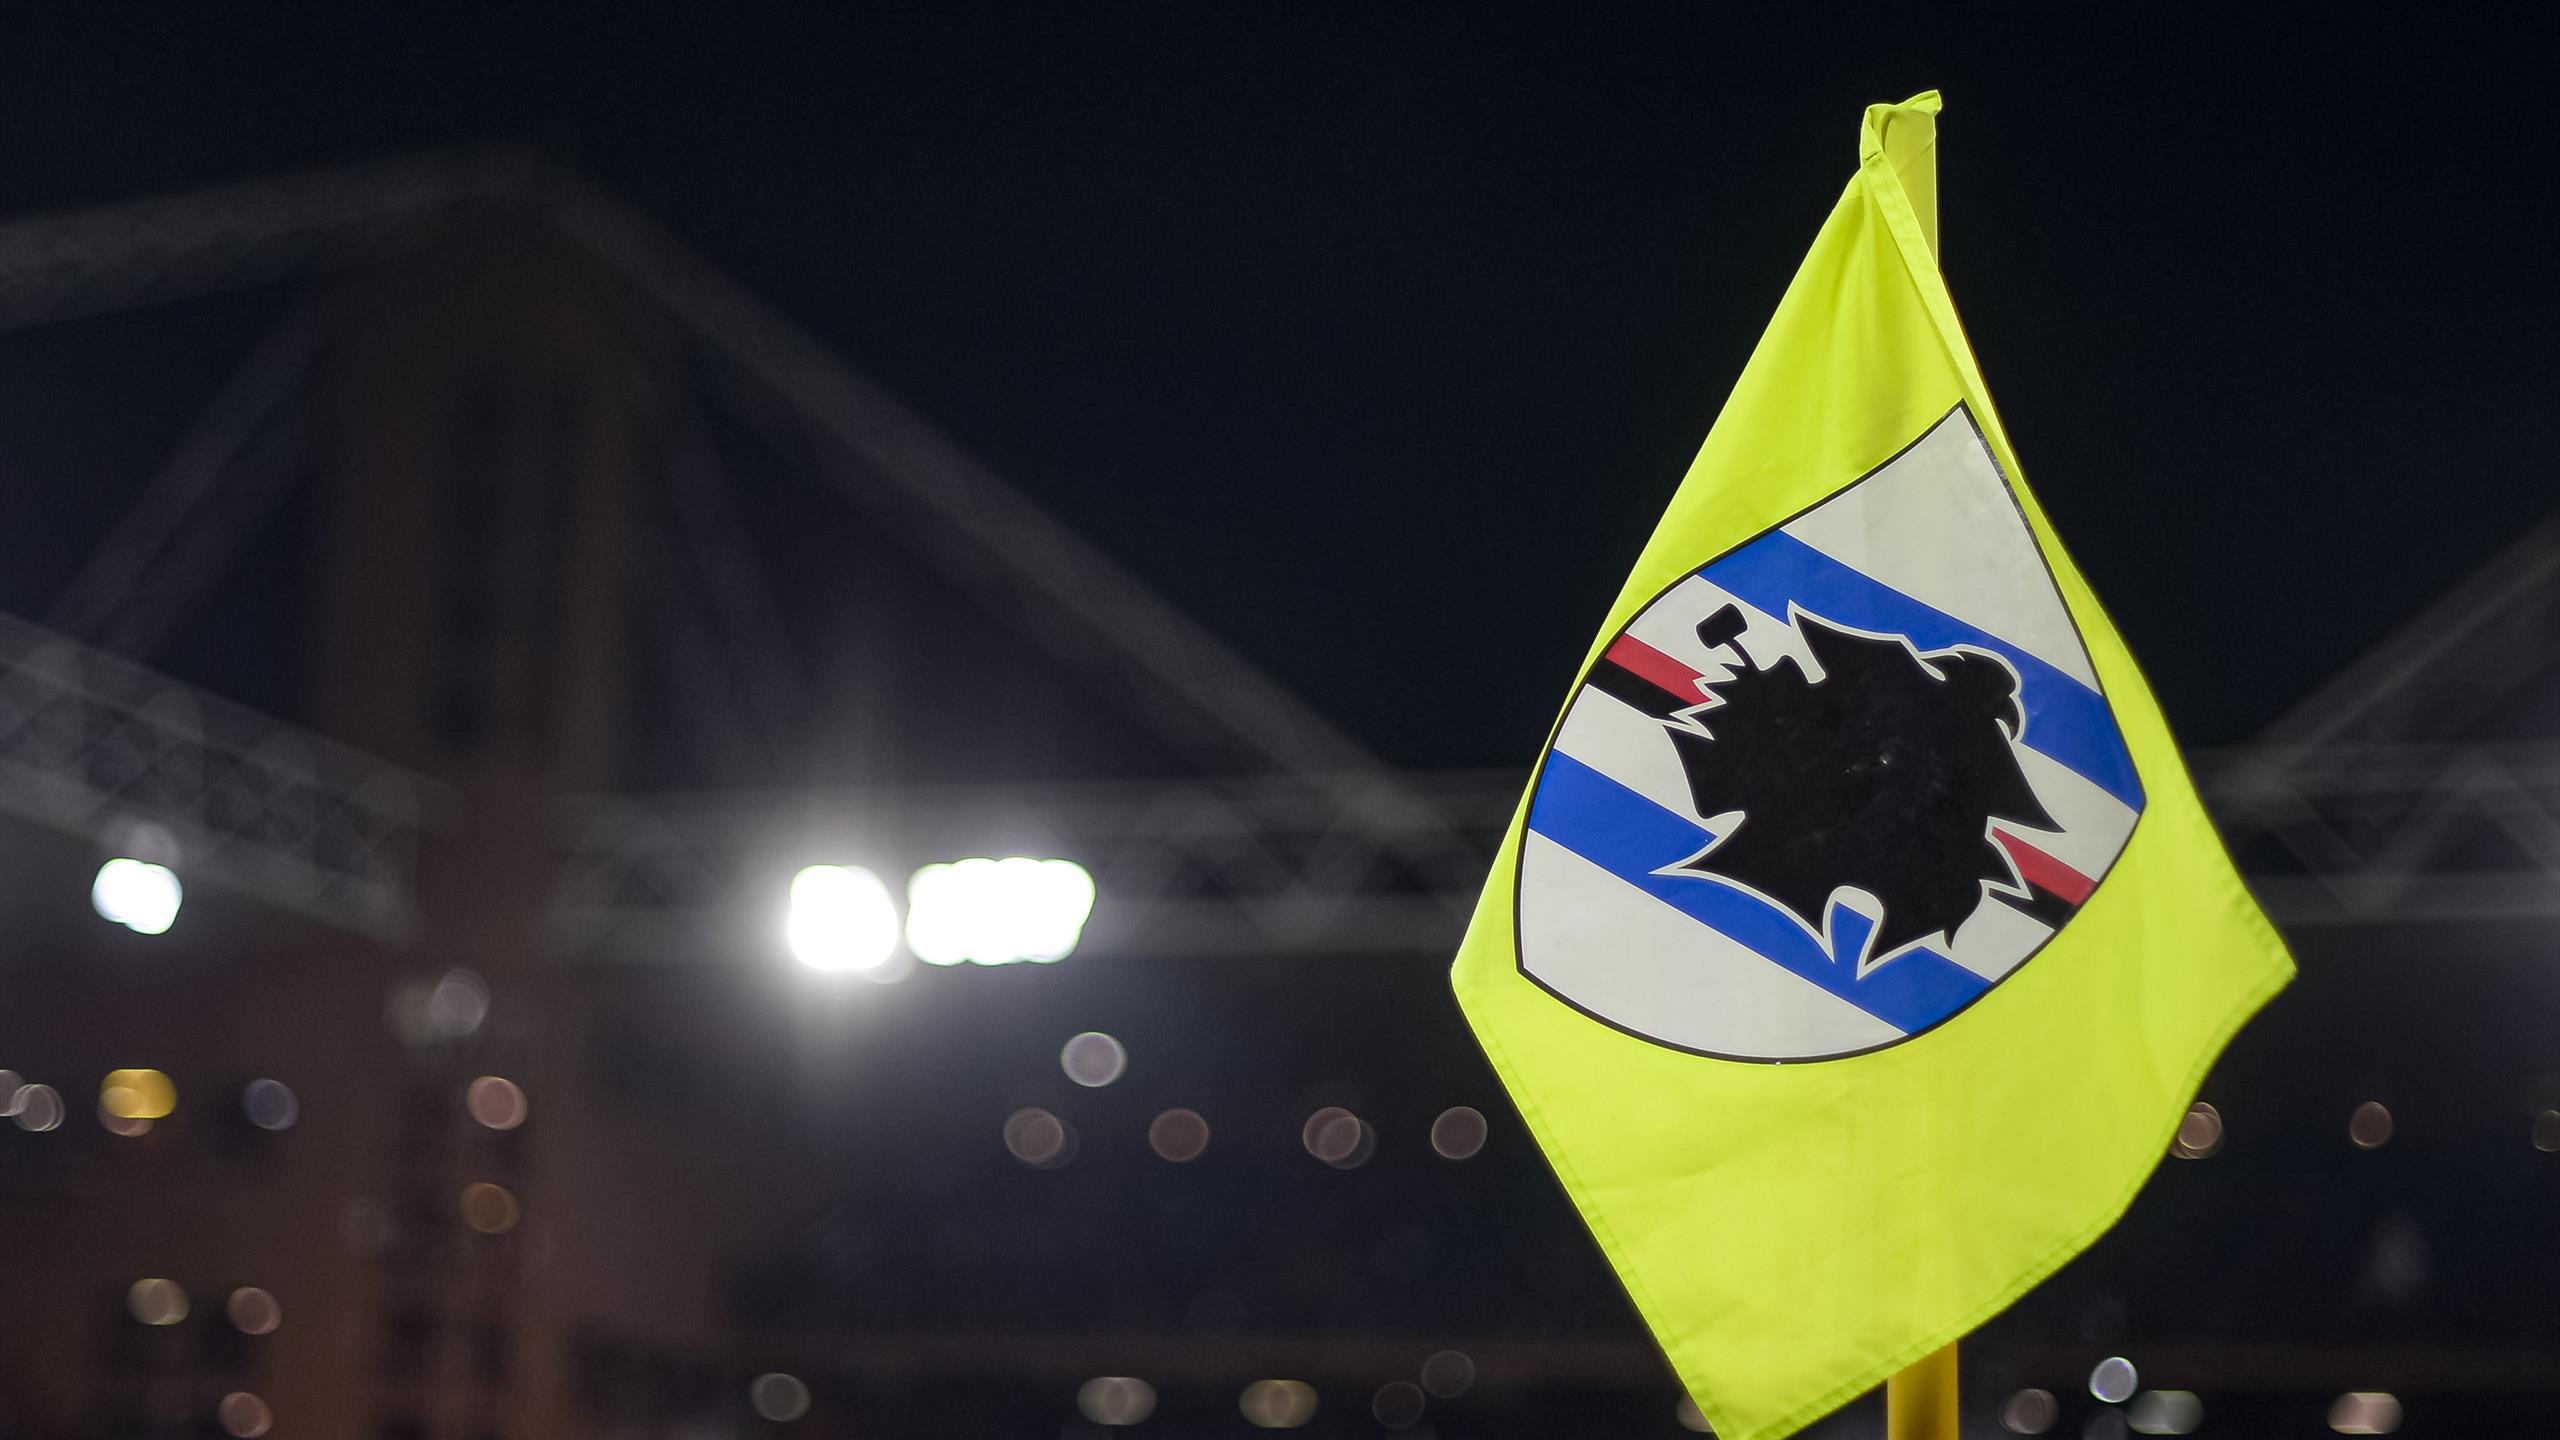 چهار بازیکن کرونایی سمپدوریا اکنون سالم هستند.